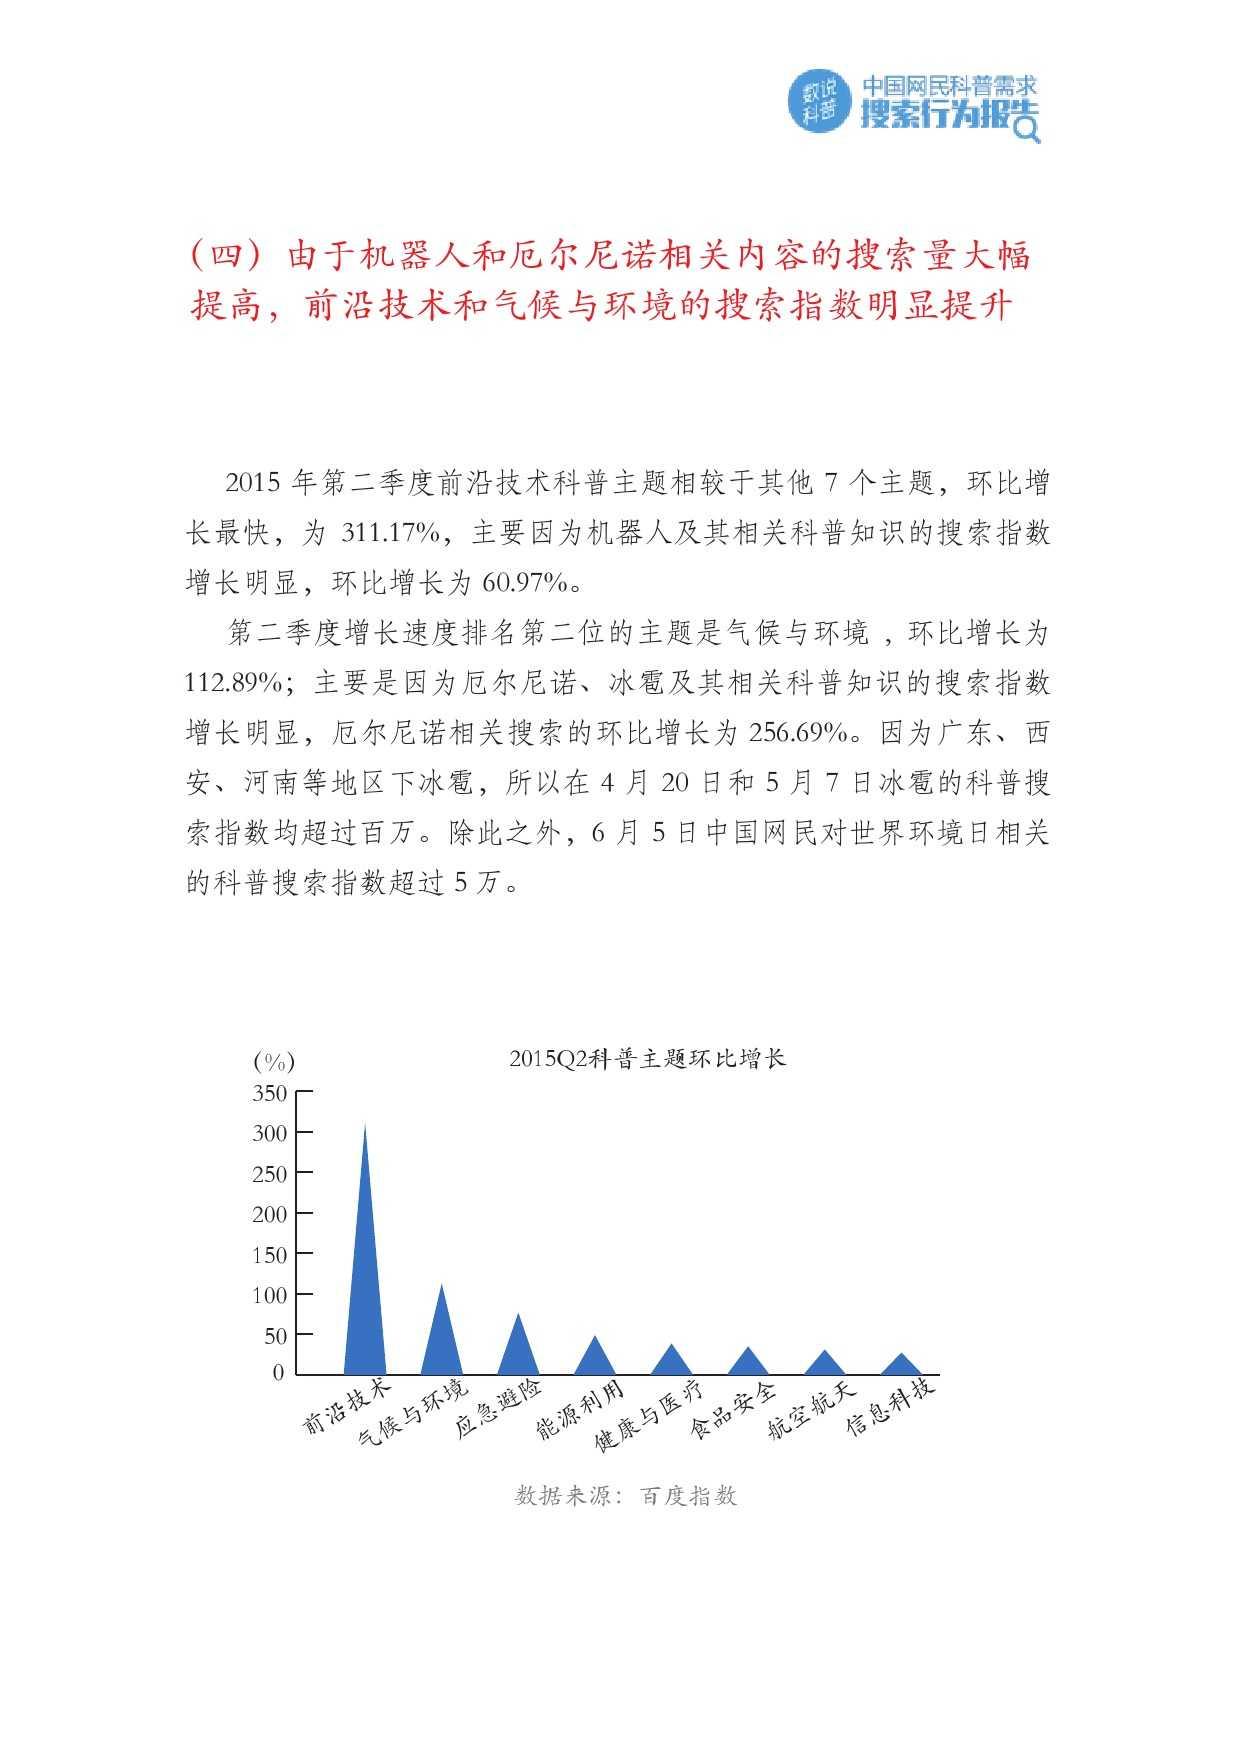 百度:2015年Q2中国网民科普需求搜索行为报告_000012